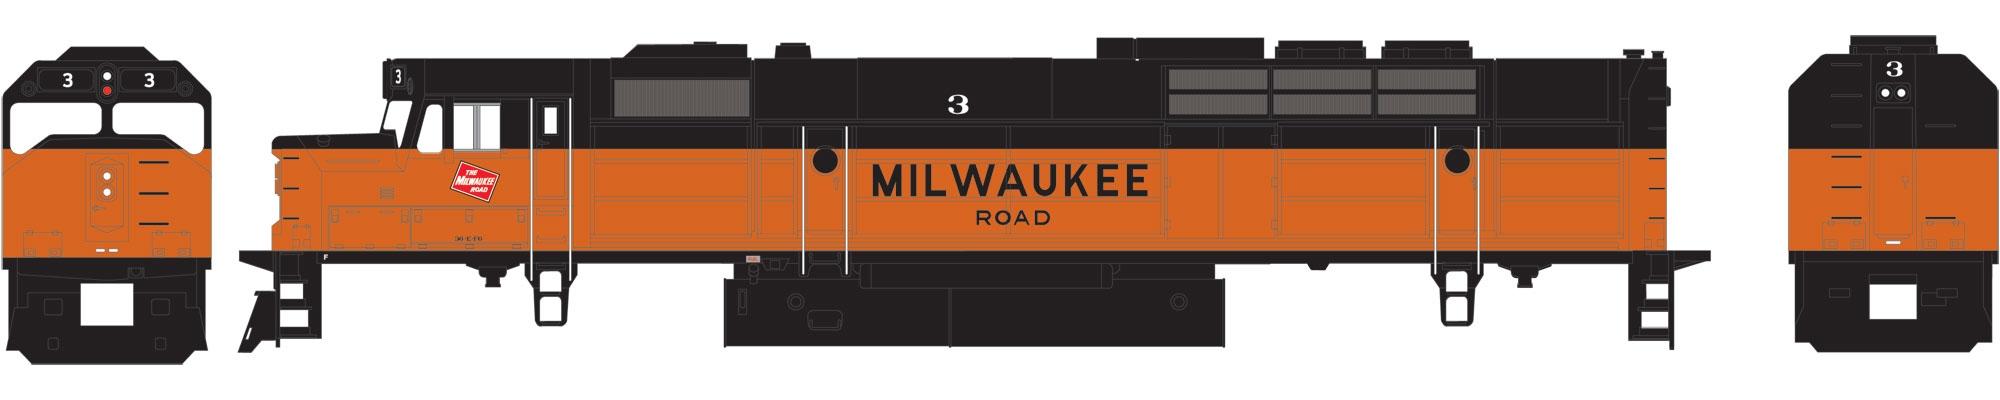 N Scale - Athearn - 22484 - Locomotive, Diesel, EMD FP45 - Milwaukee Road - 3